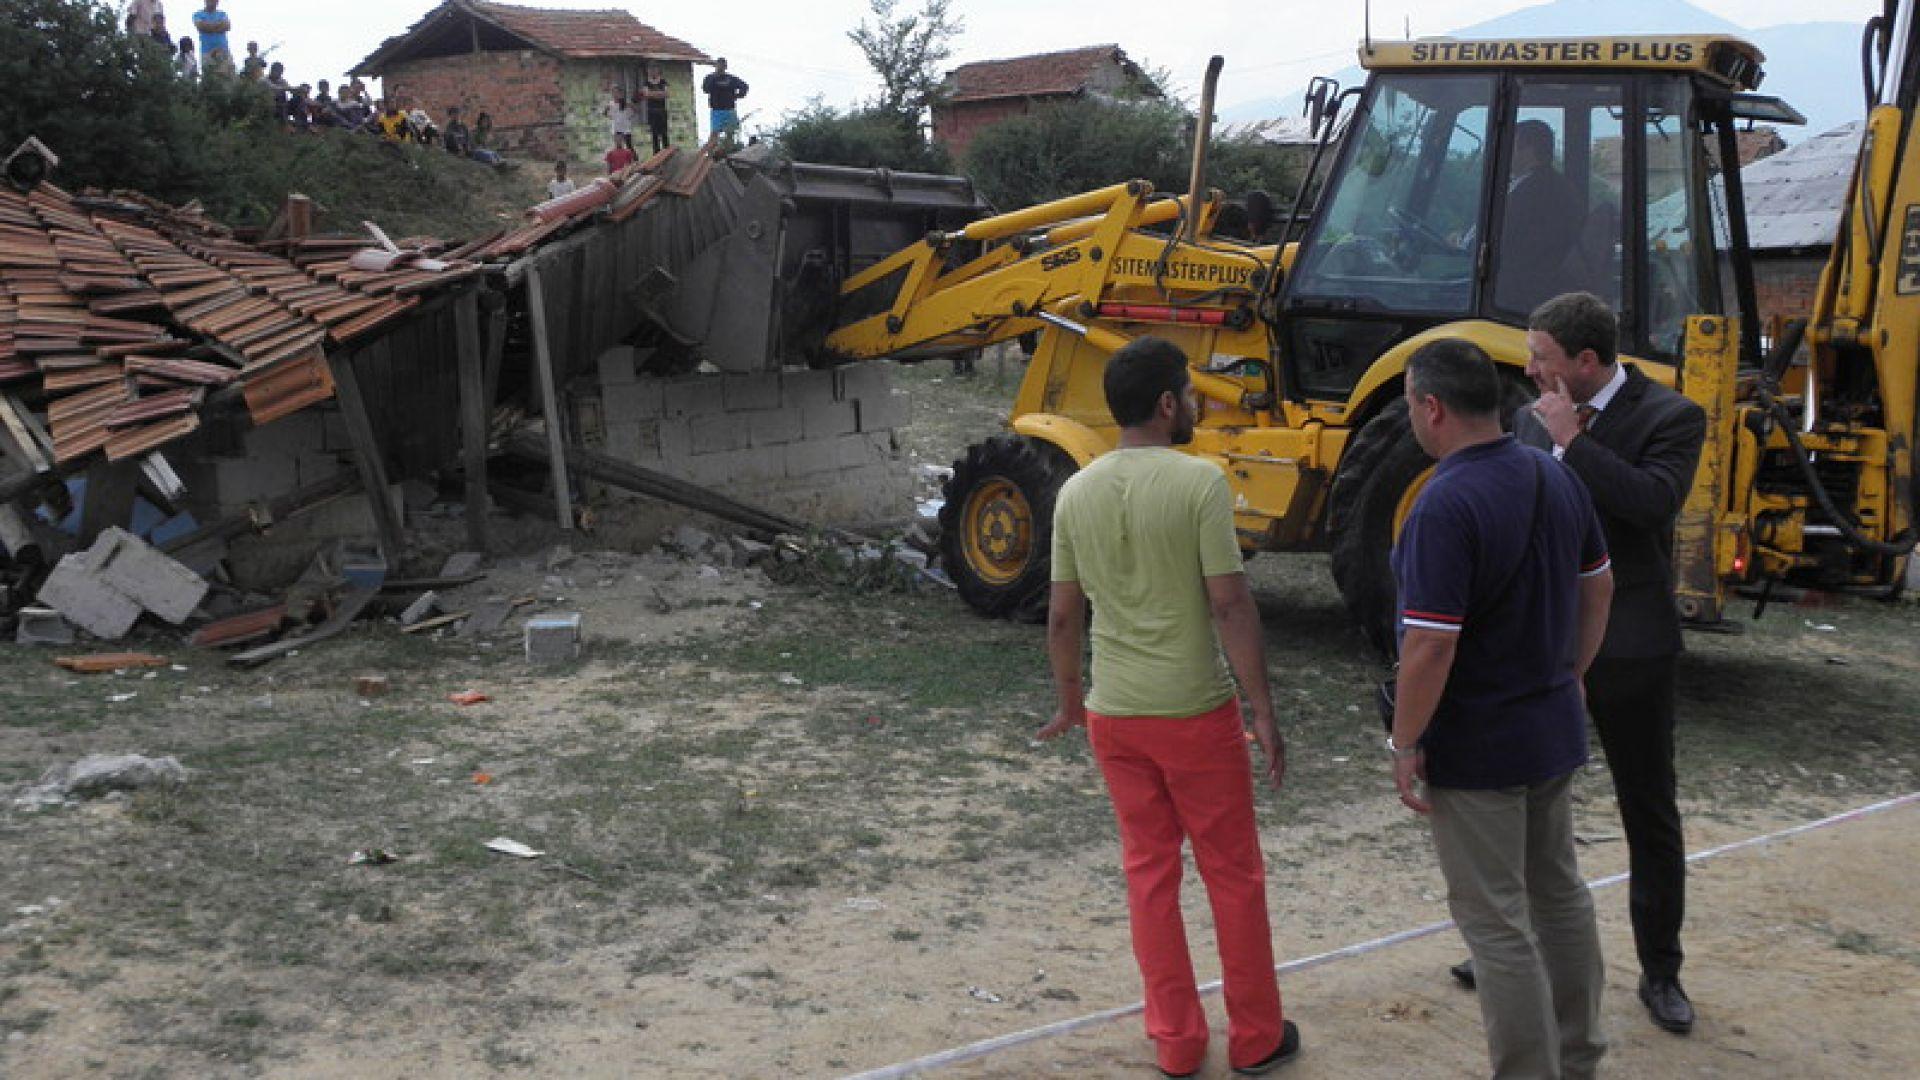 Държавата спечели дело в Страсбург по жалба за разрушаване на незаконни къщи в Гърмен